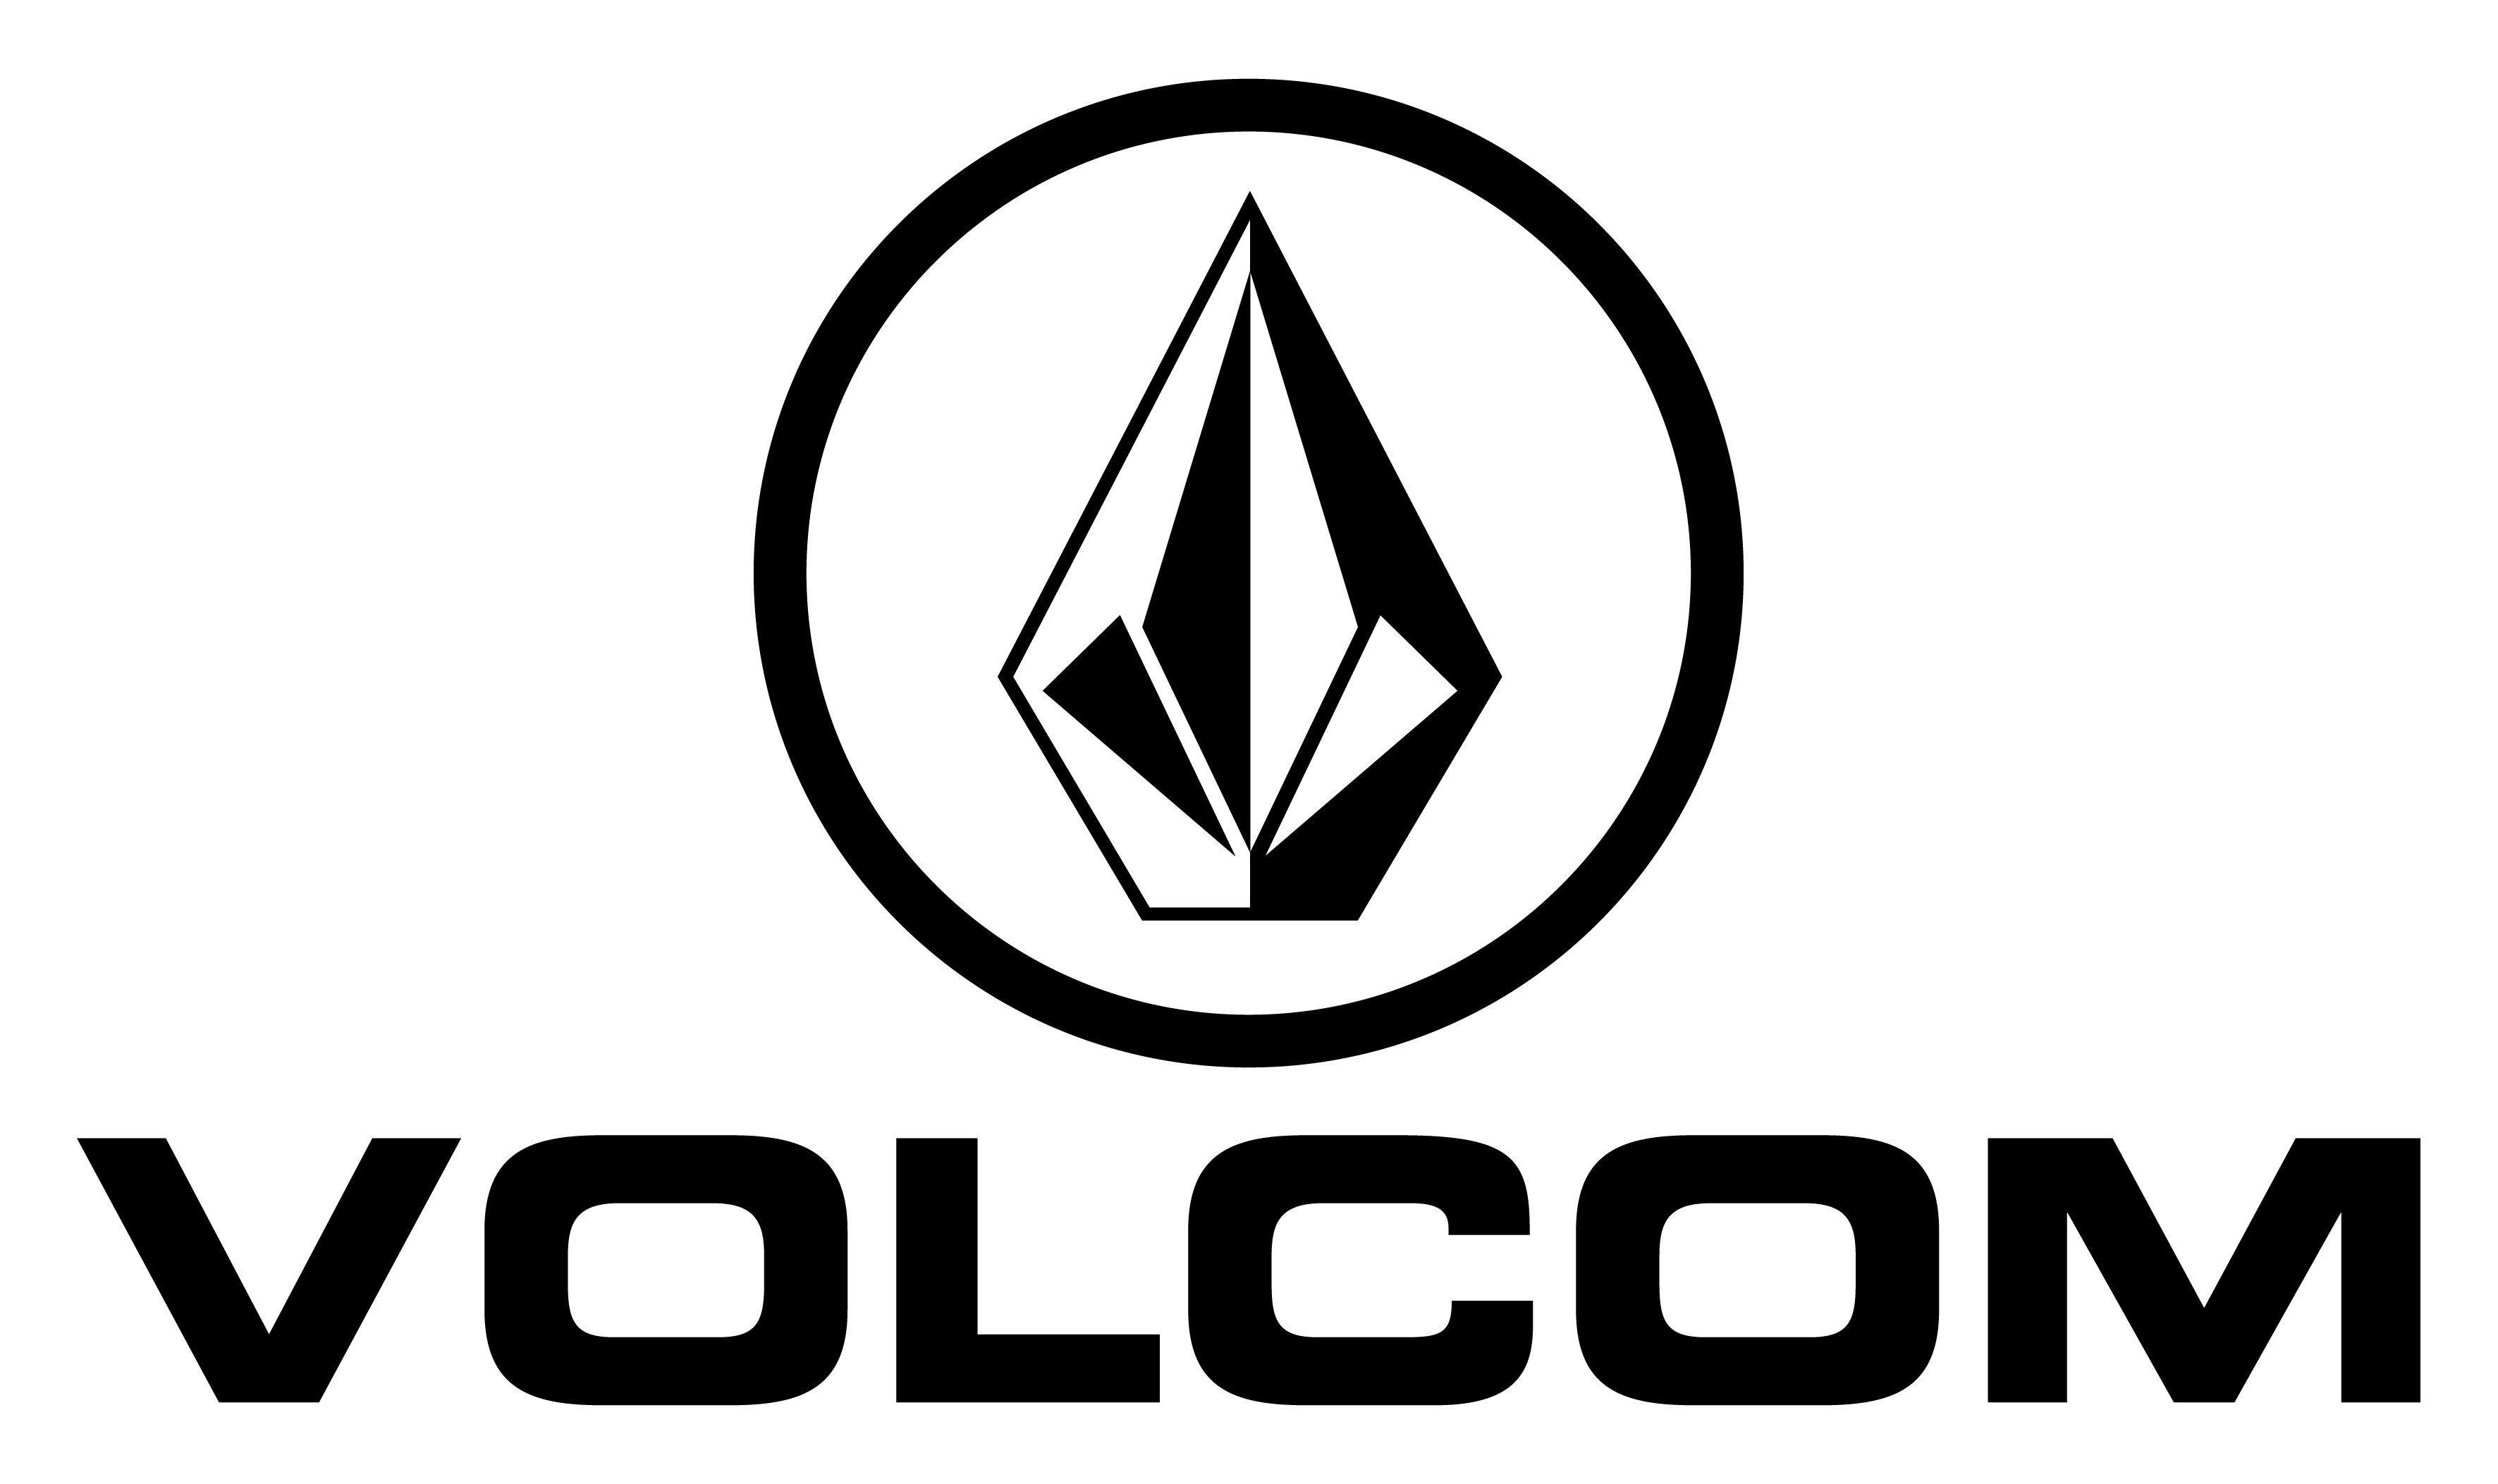 Code promo Volcom : 10% de réduction sur votre 1ère commande en vous inscrivant à la newsletter